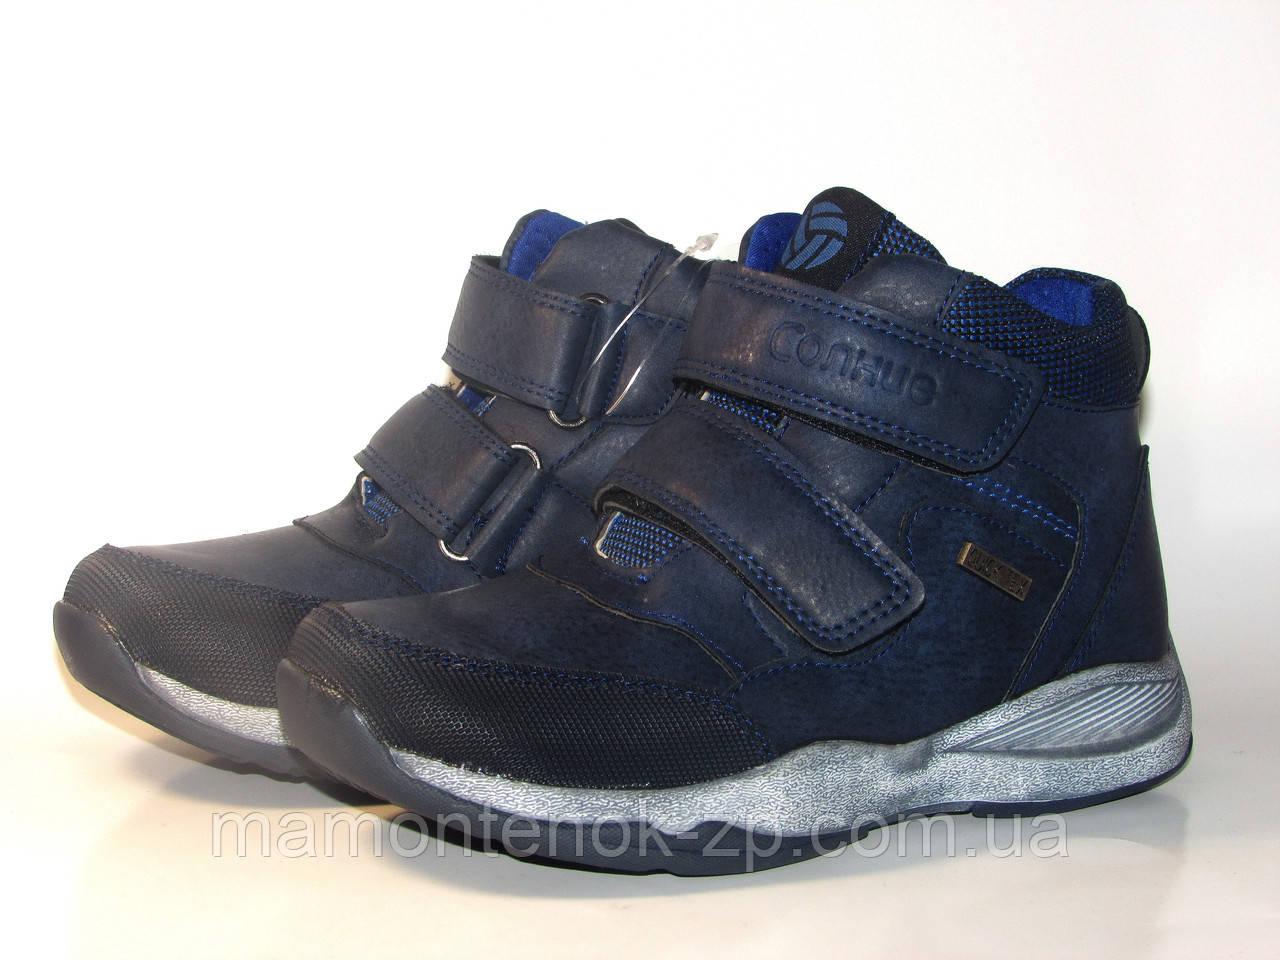 62ec2888e Купить детские ботинки мальчику Солнце PT07-3B в Украине от компании ...